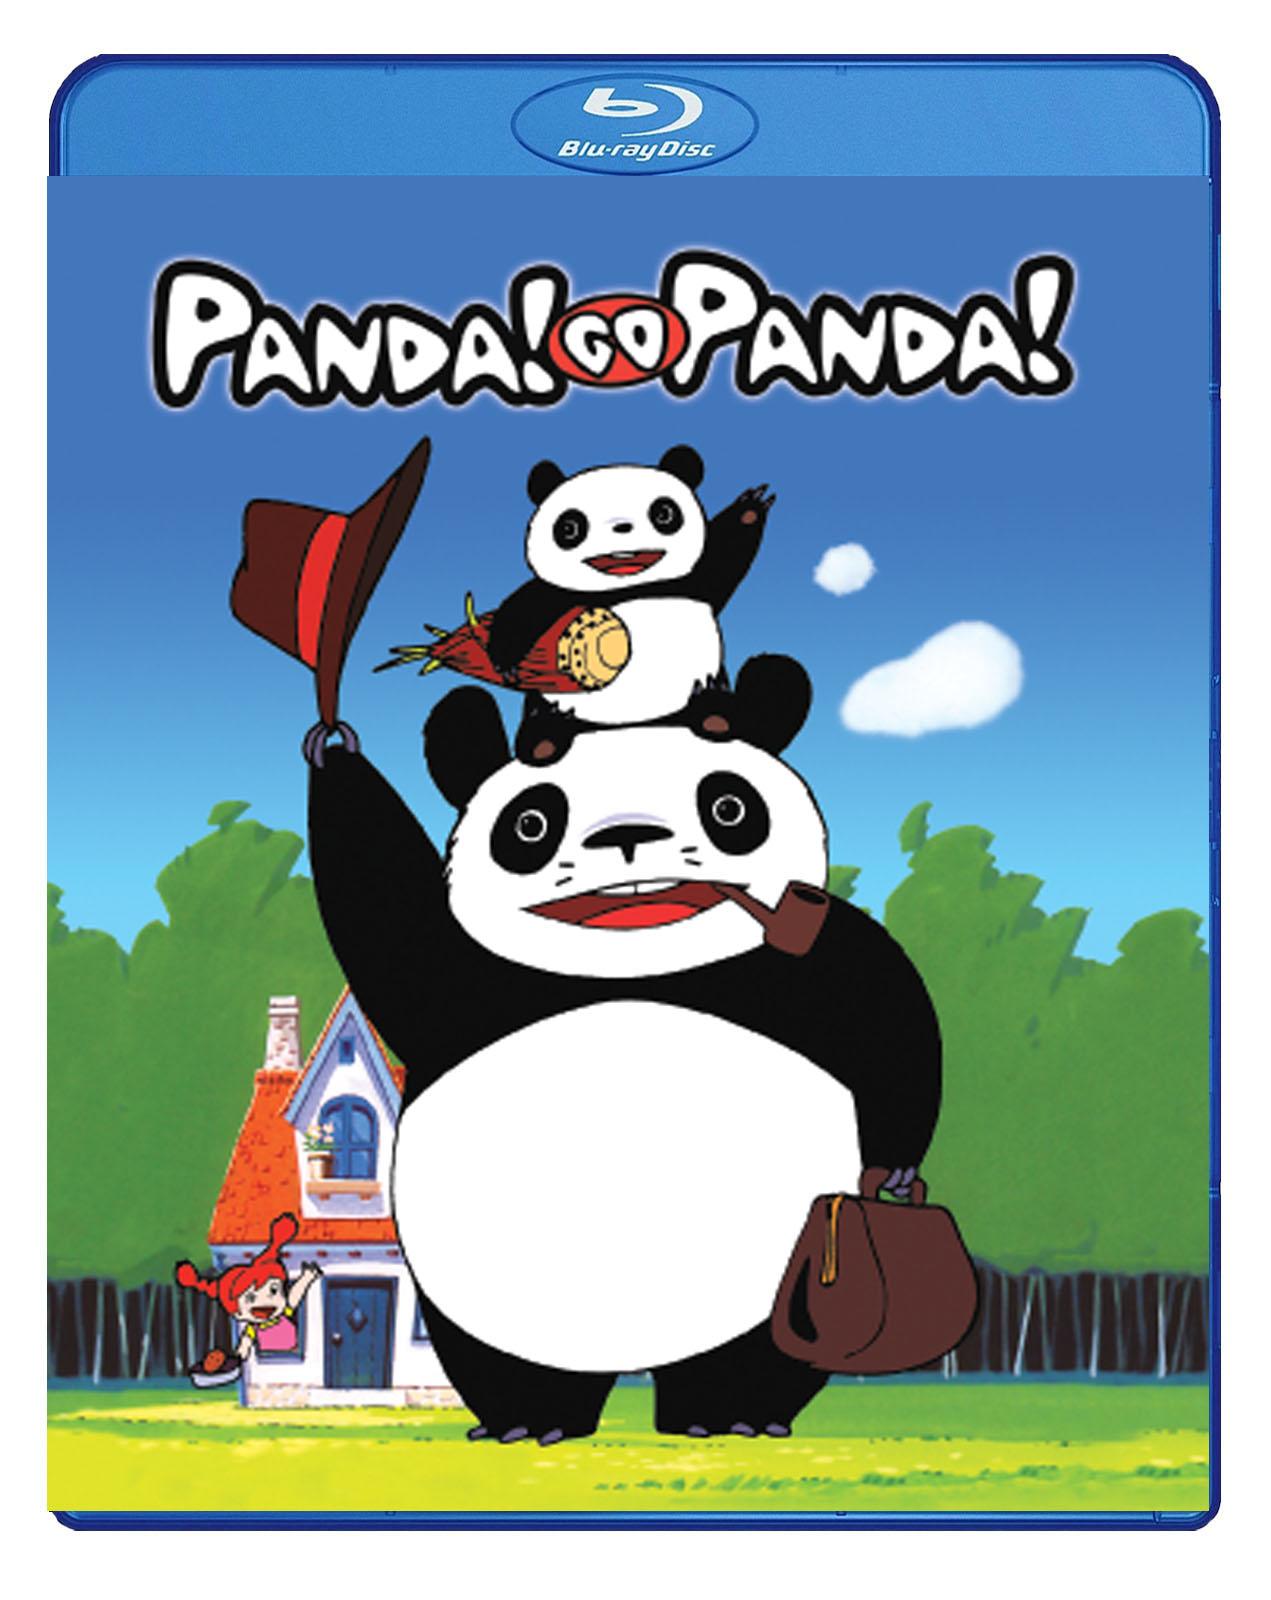 Panda Go Panda Blu-ray 875707158022